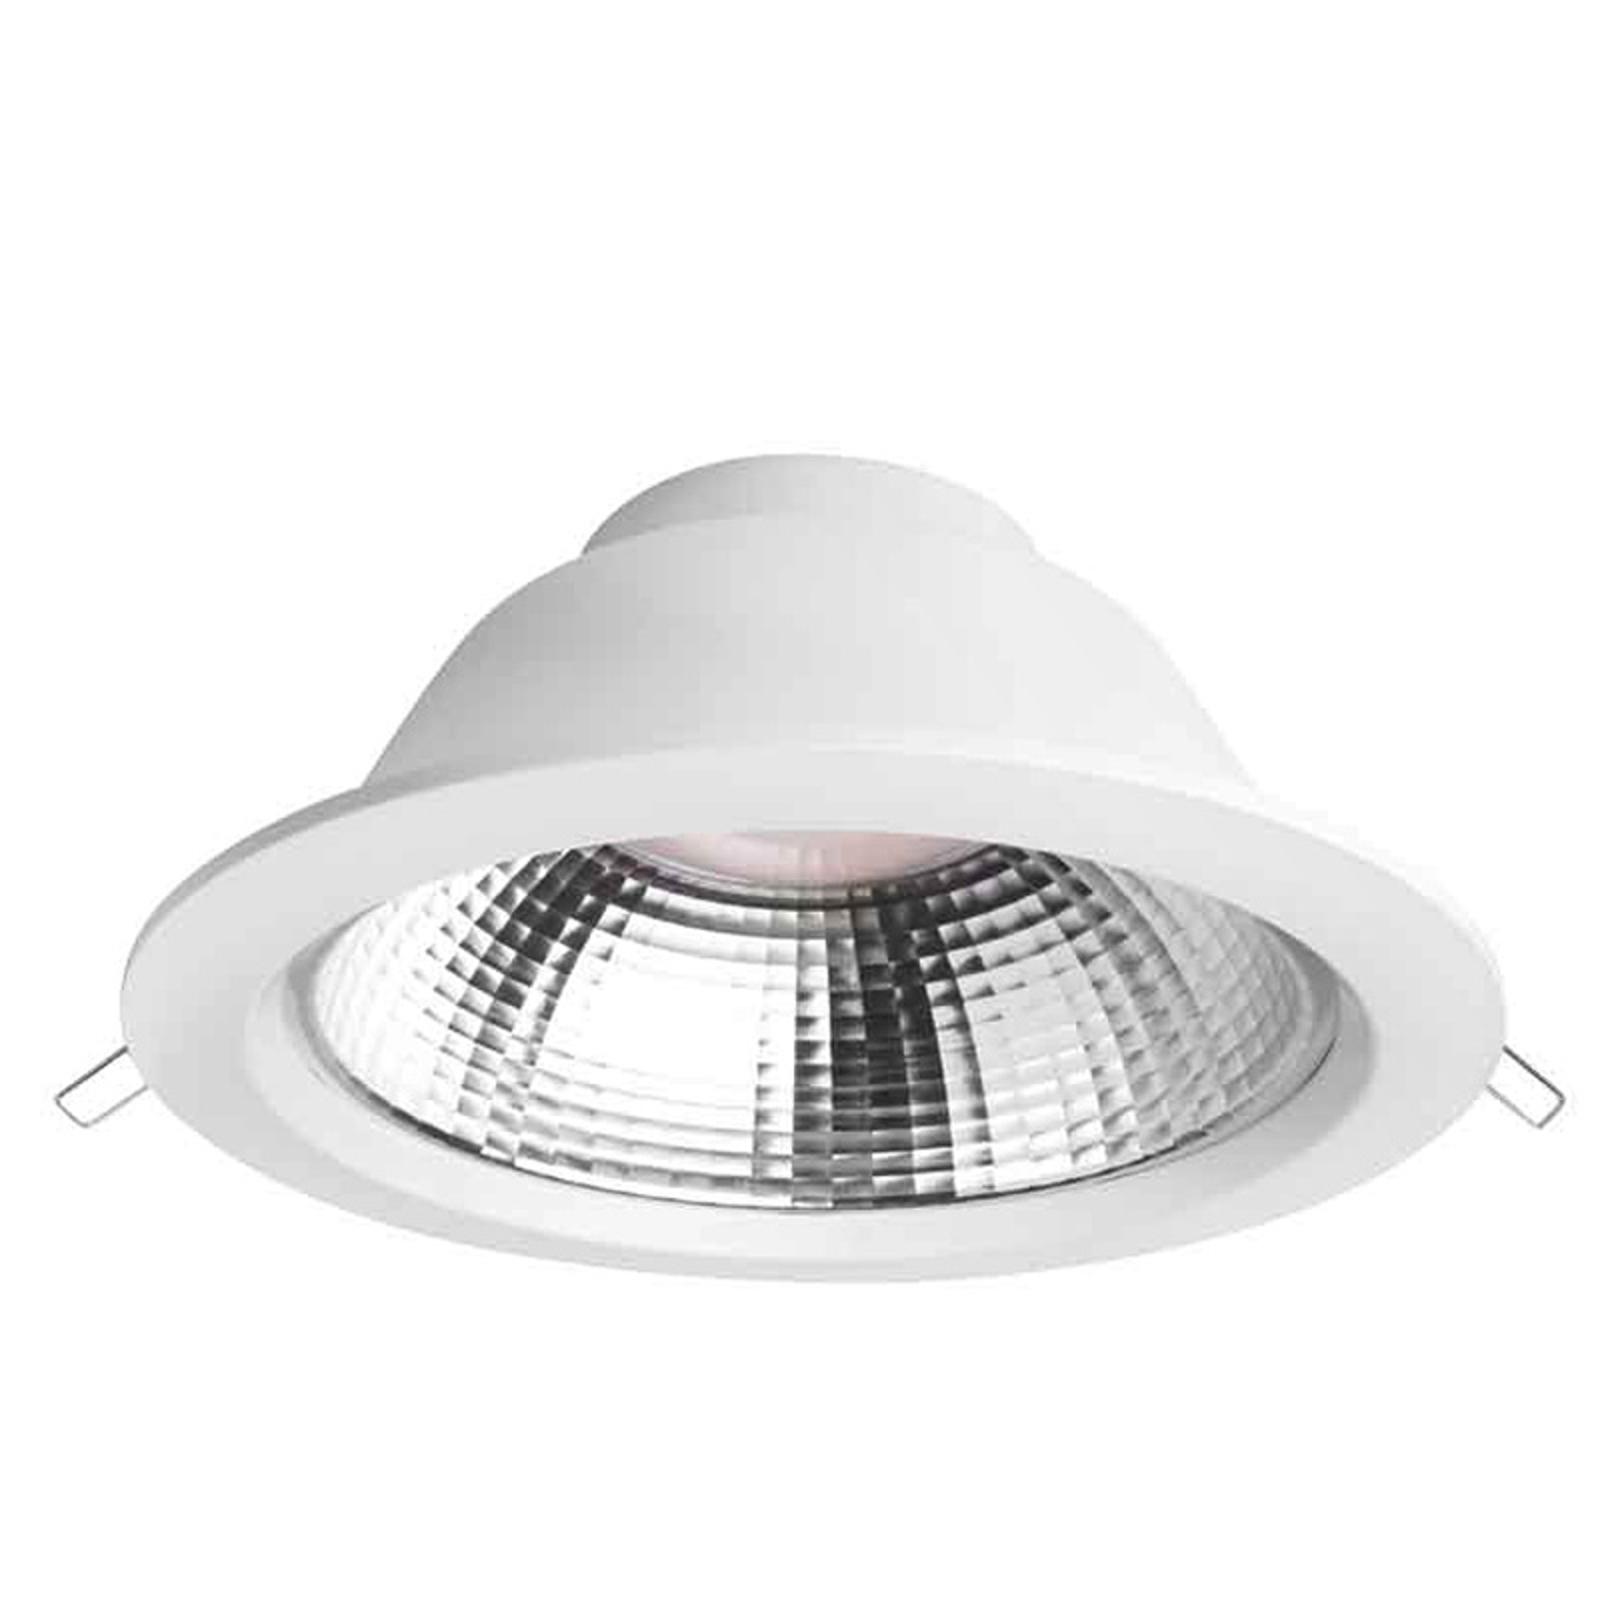 Krachtige LED downlight Siena 19 W